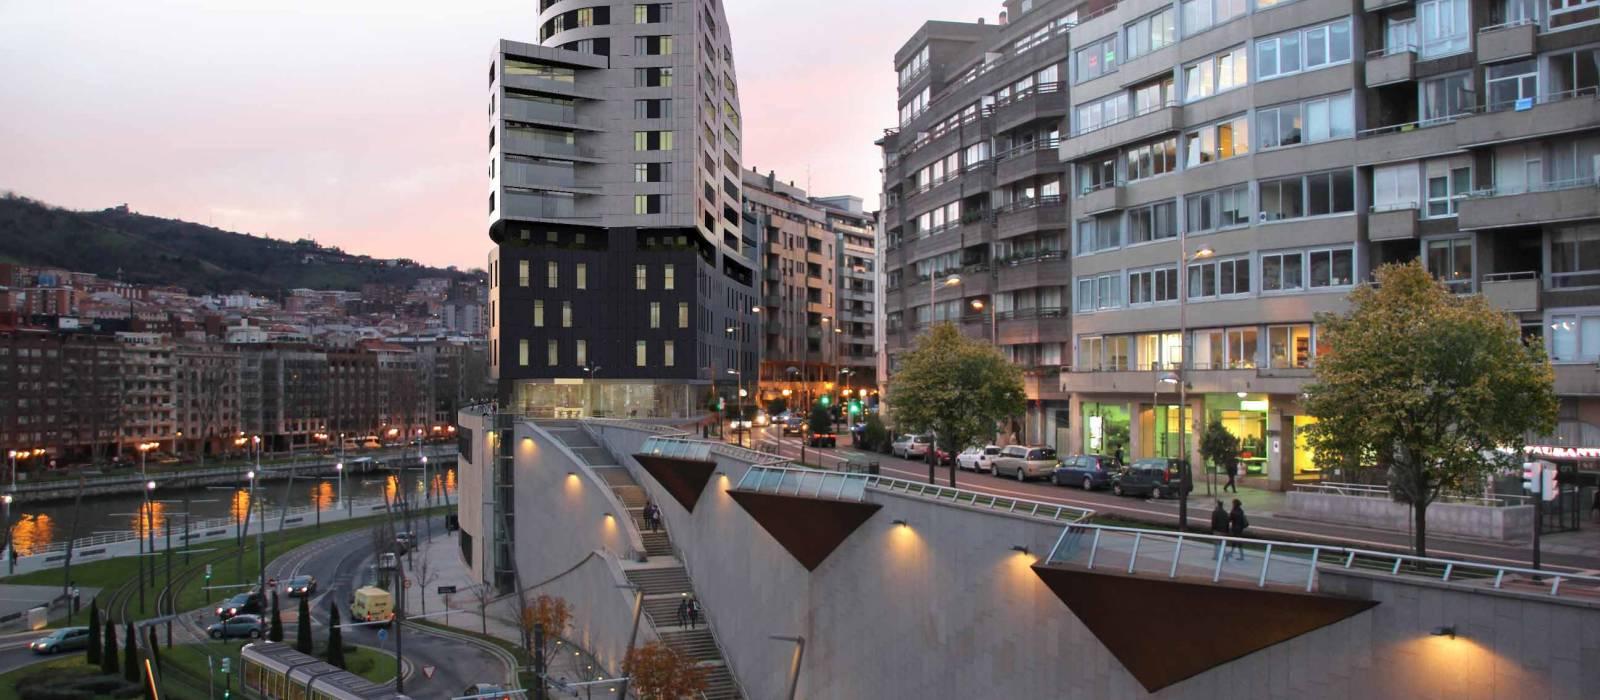 Hotel Vincci Consulado de Bilbao - Fachada